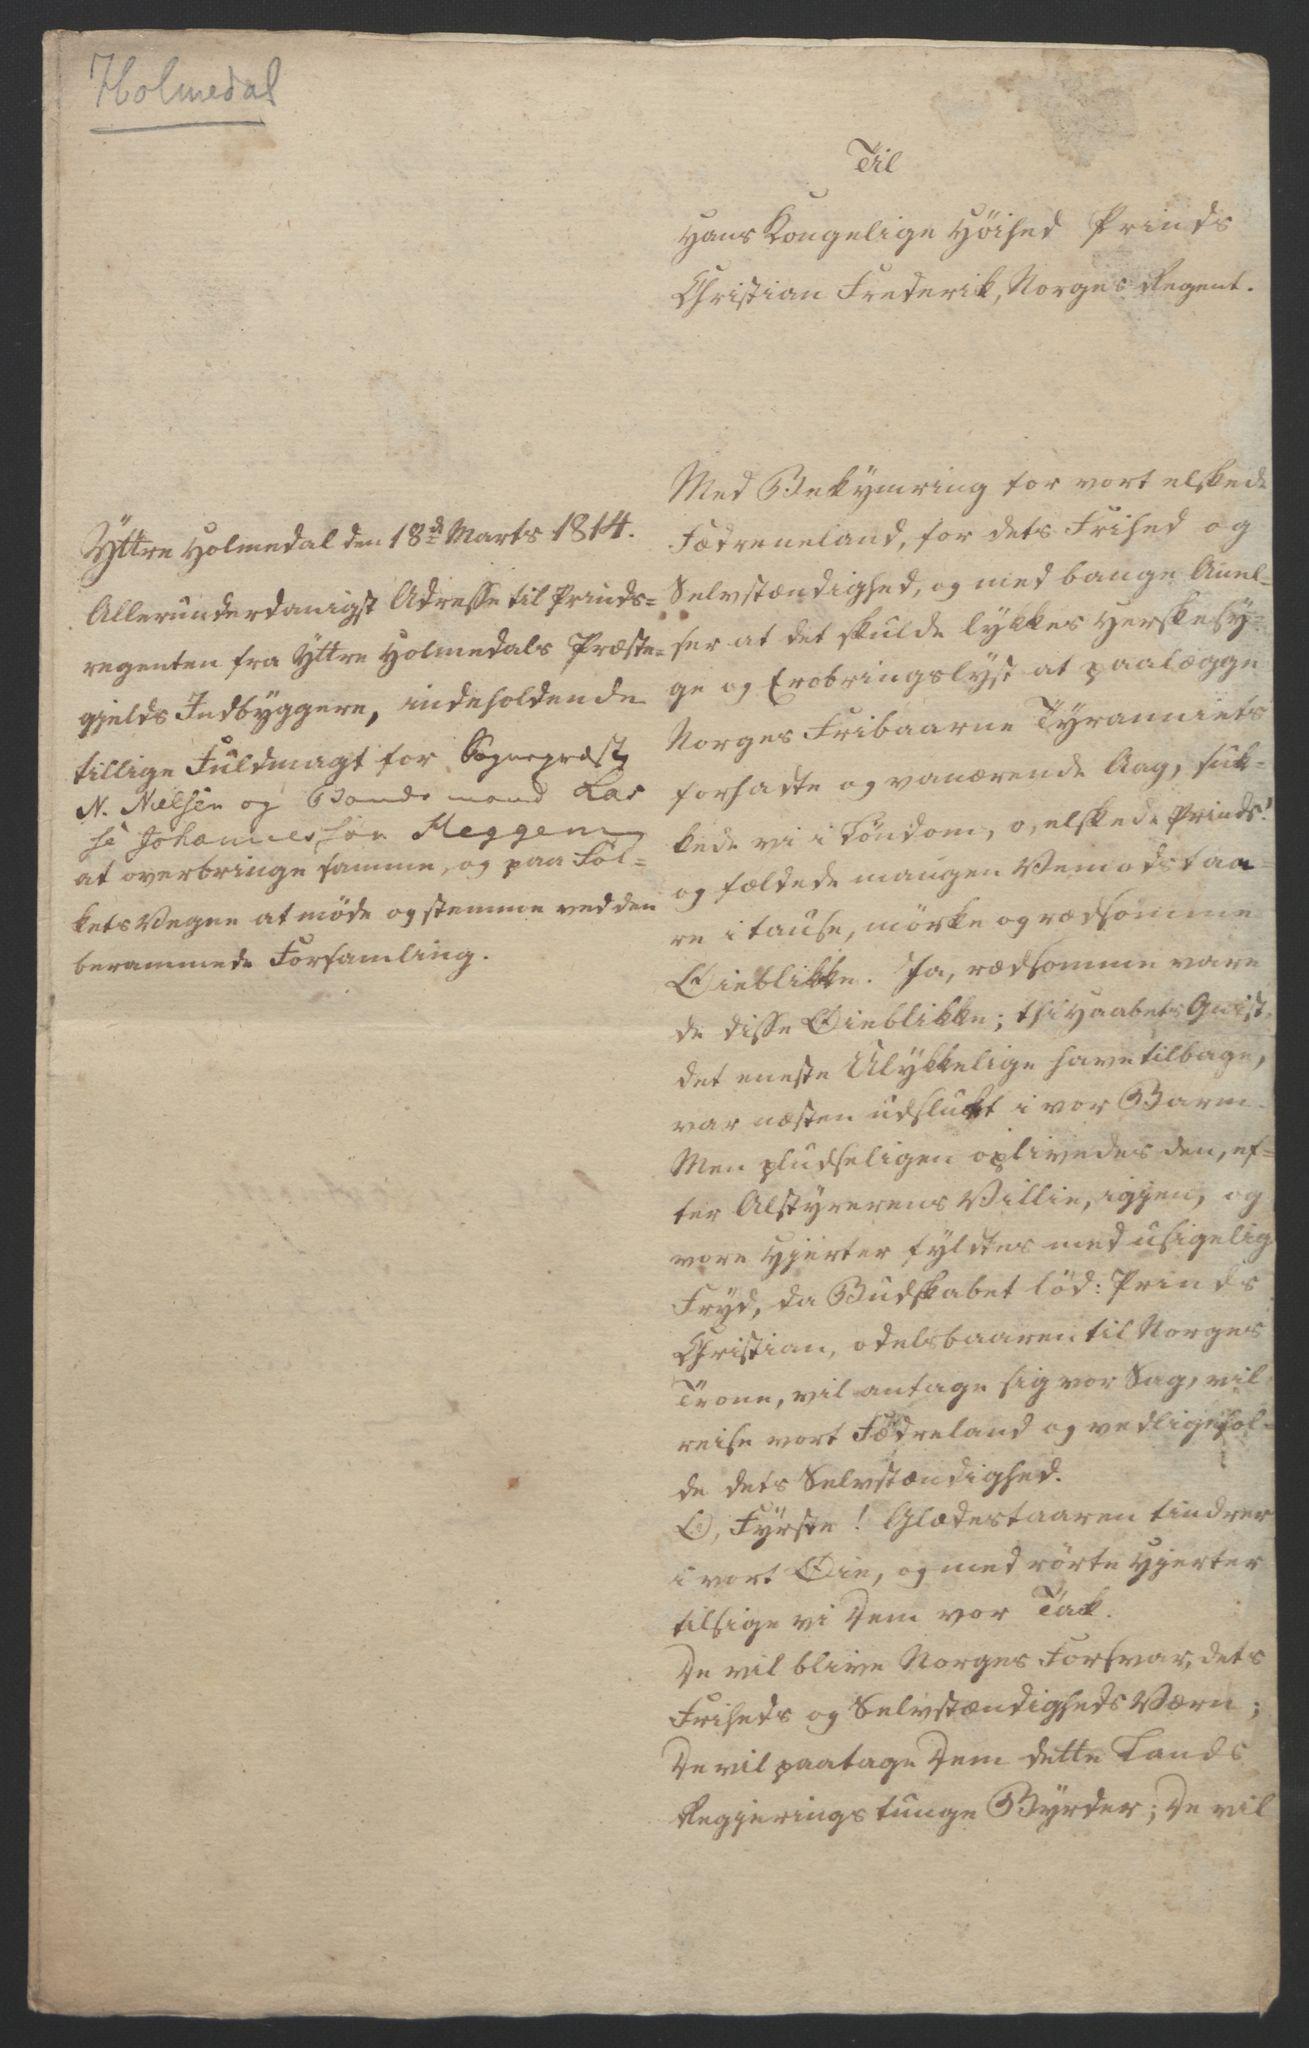 RA, Statsrådssekretariatet, D/Db/L0008: Fullmakter for Eidsvollsrepresentantene i 1814. , 1814, s. 326